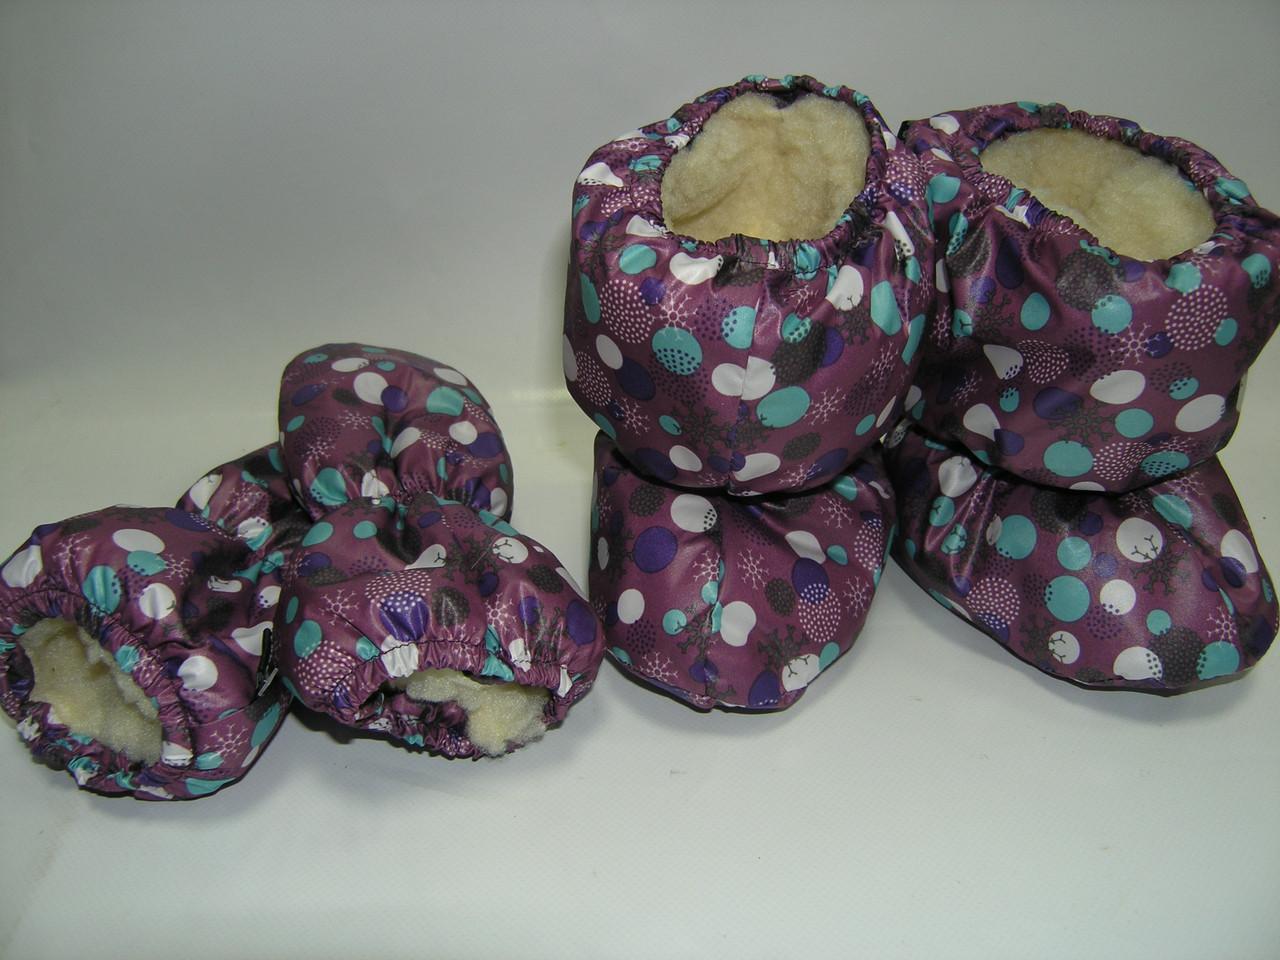 Сапожки и варежки на меху фиолетовые в горошек